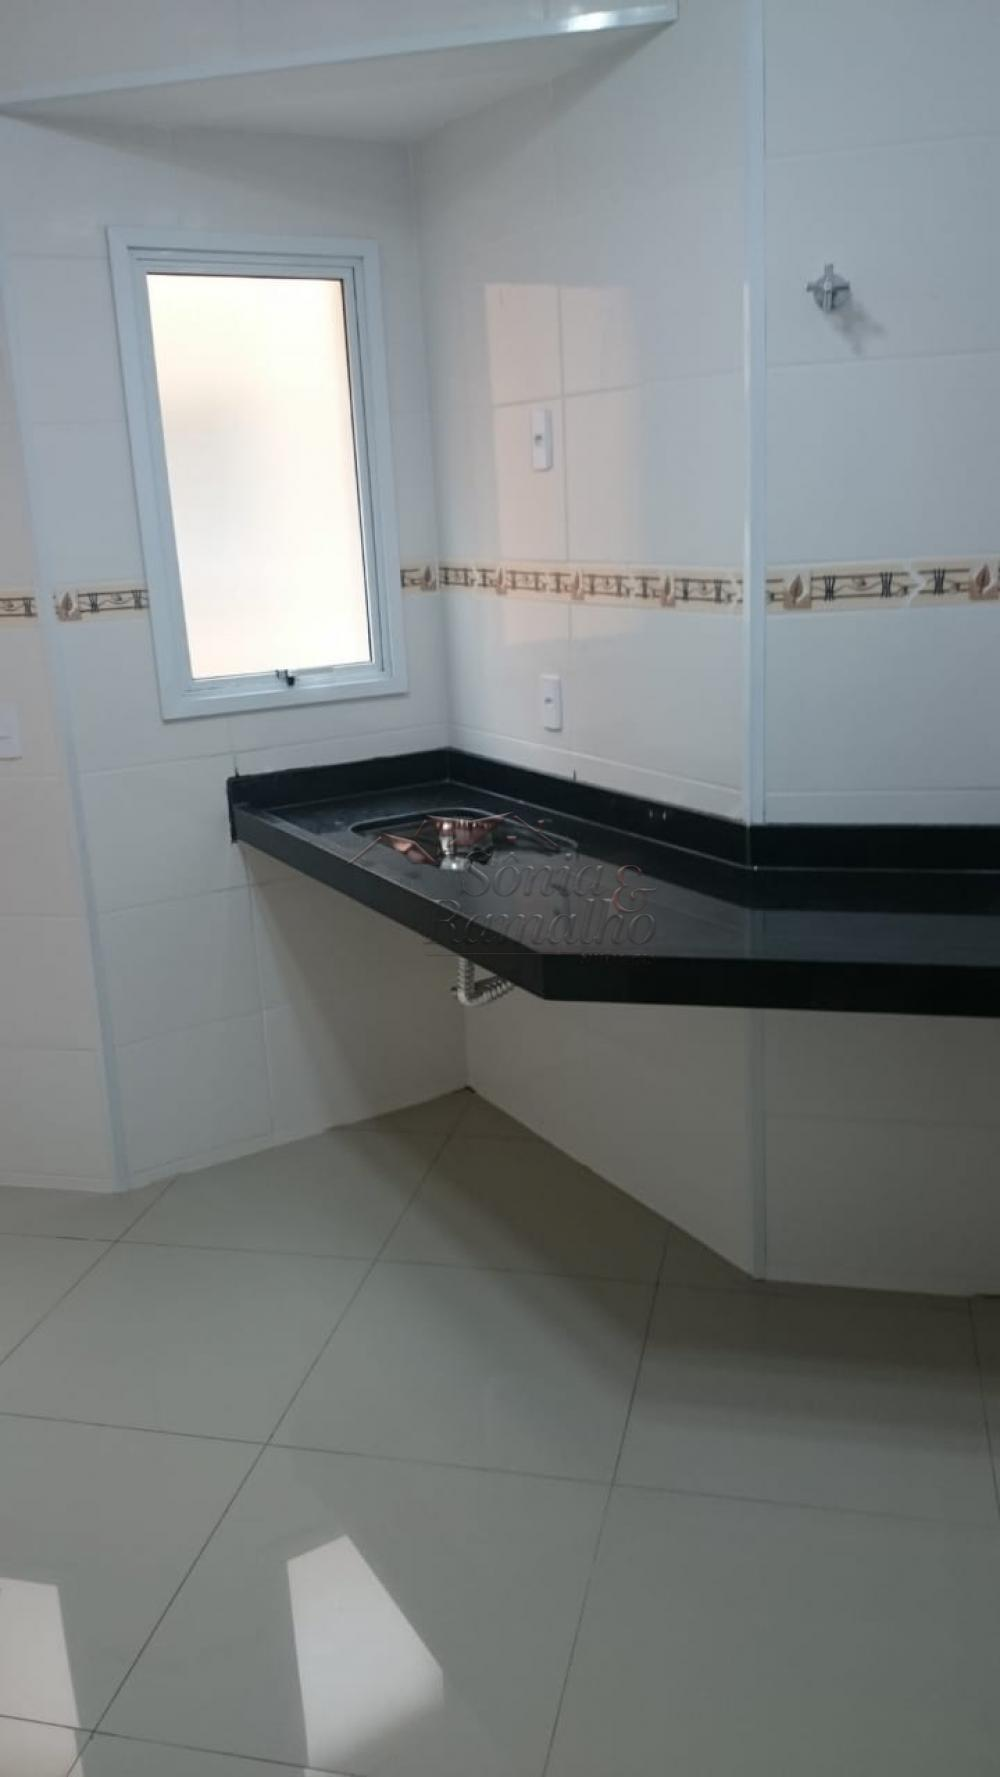 Comprar Apartamentos / Padrão em Ribeirão Preto apenas R$ 298.000,00 - Foto 7